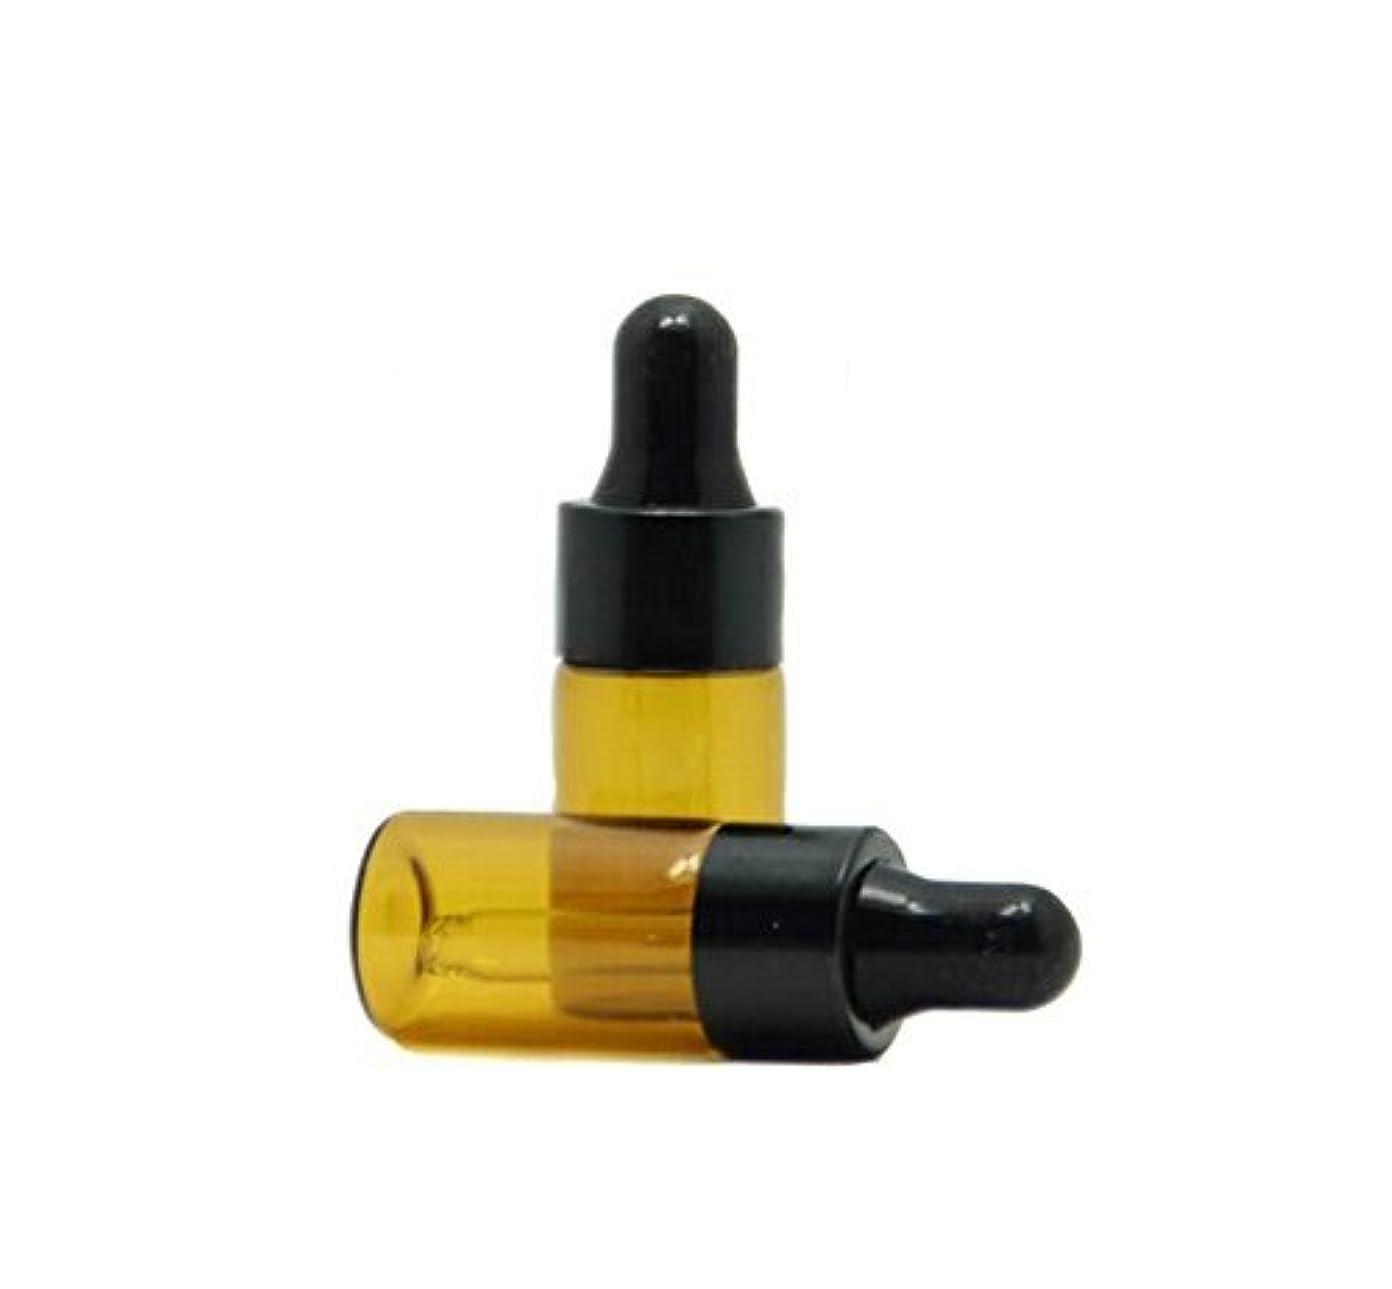 雰囲気送る小麦3ml 15 Pcs Refillable Mini Amber Glass Essential Oil Bottles Dropper Bottles Vials With Eyed Dropper For Aromatherapy...